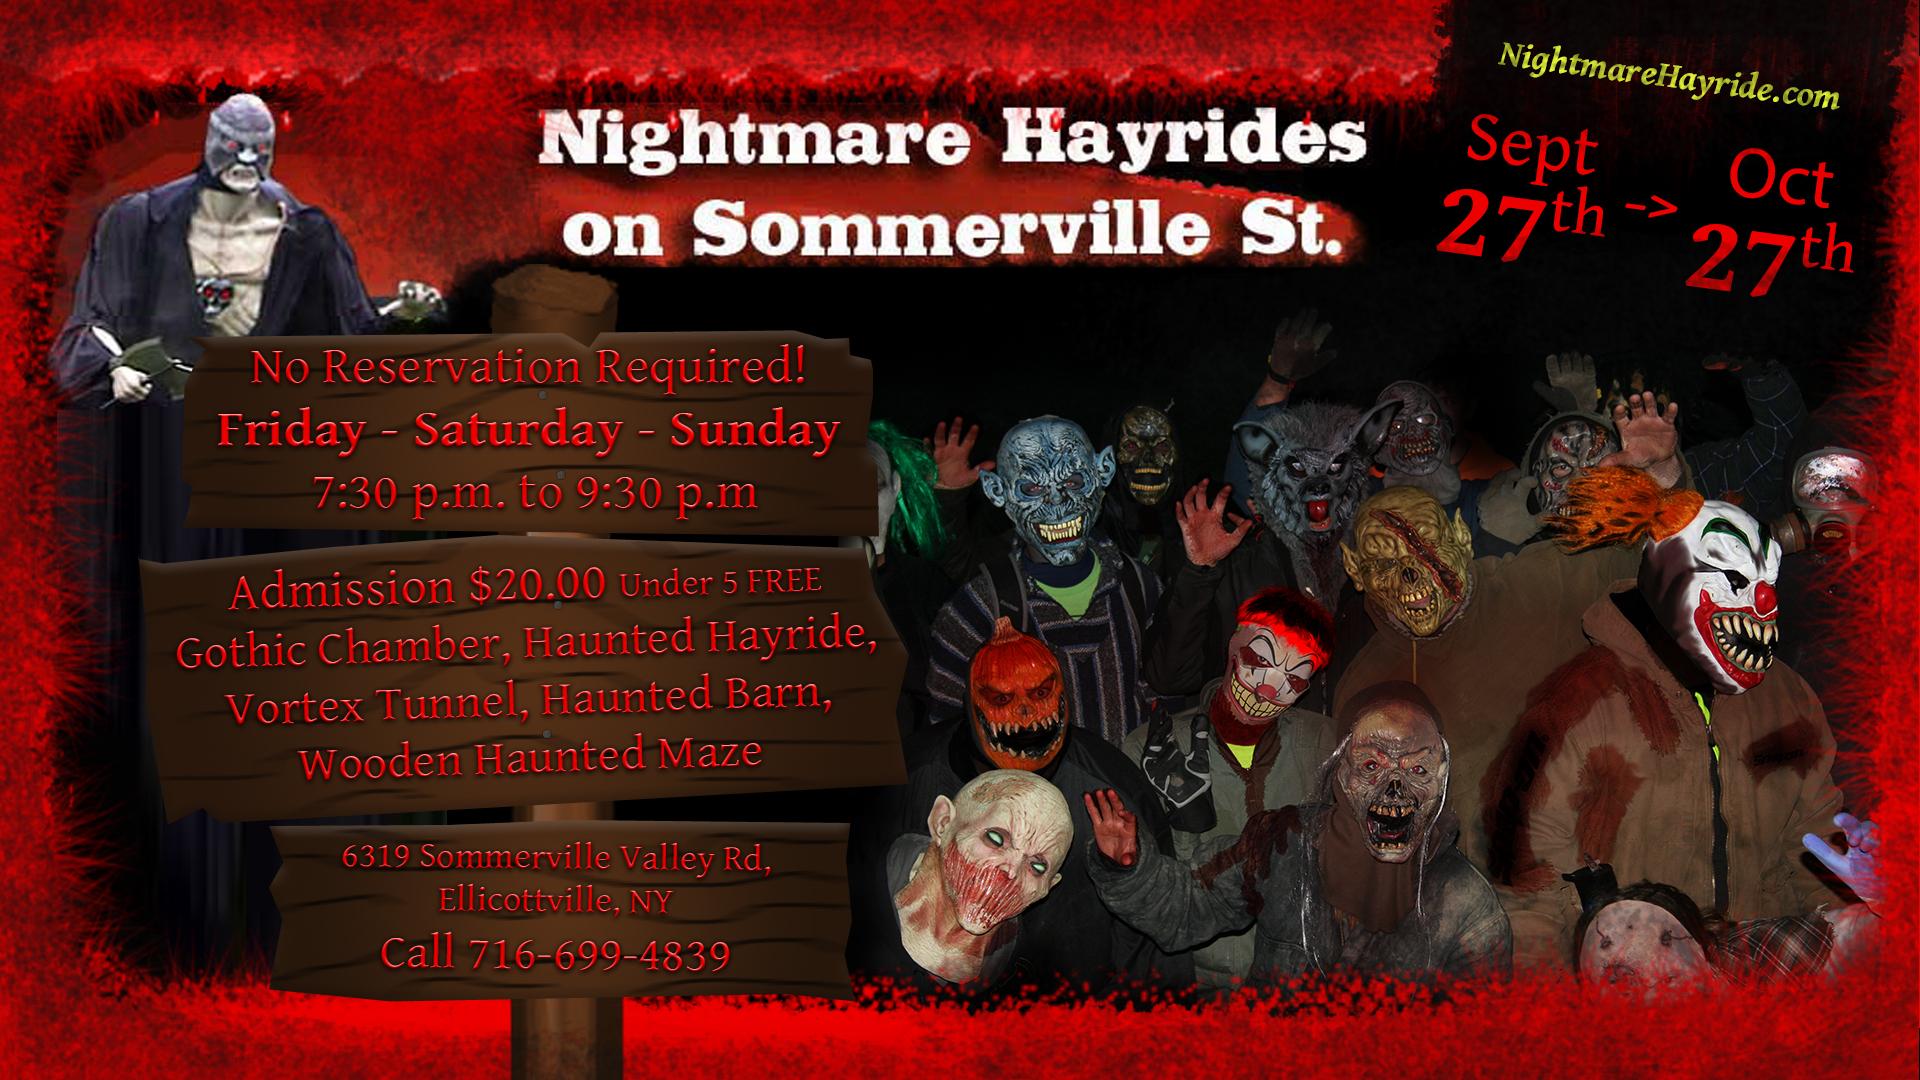 Nightmare Hayrides in Ellicottville 2019